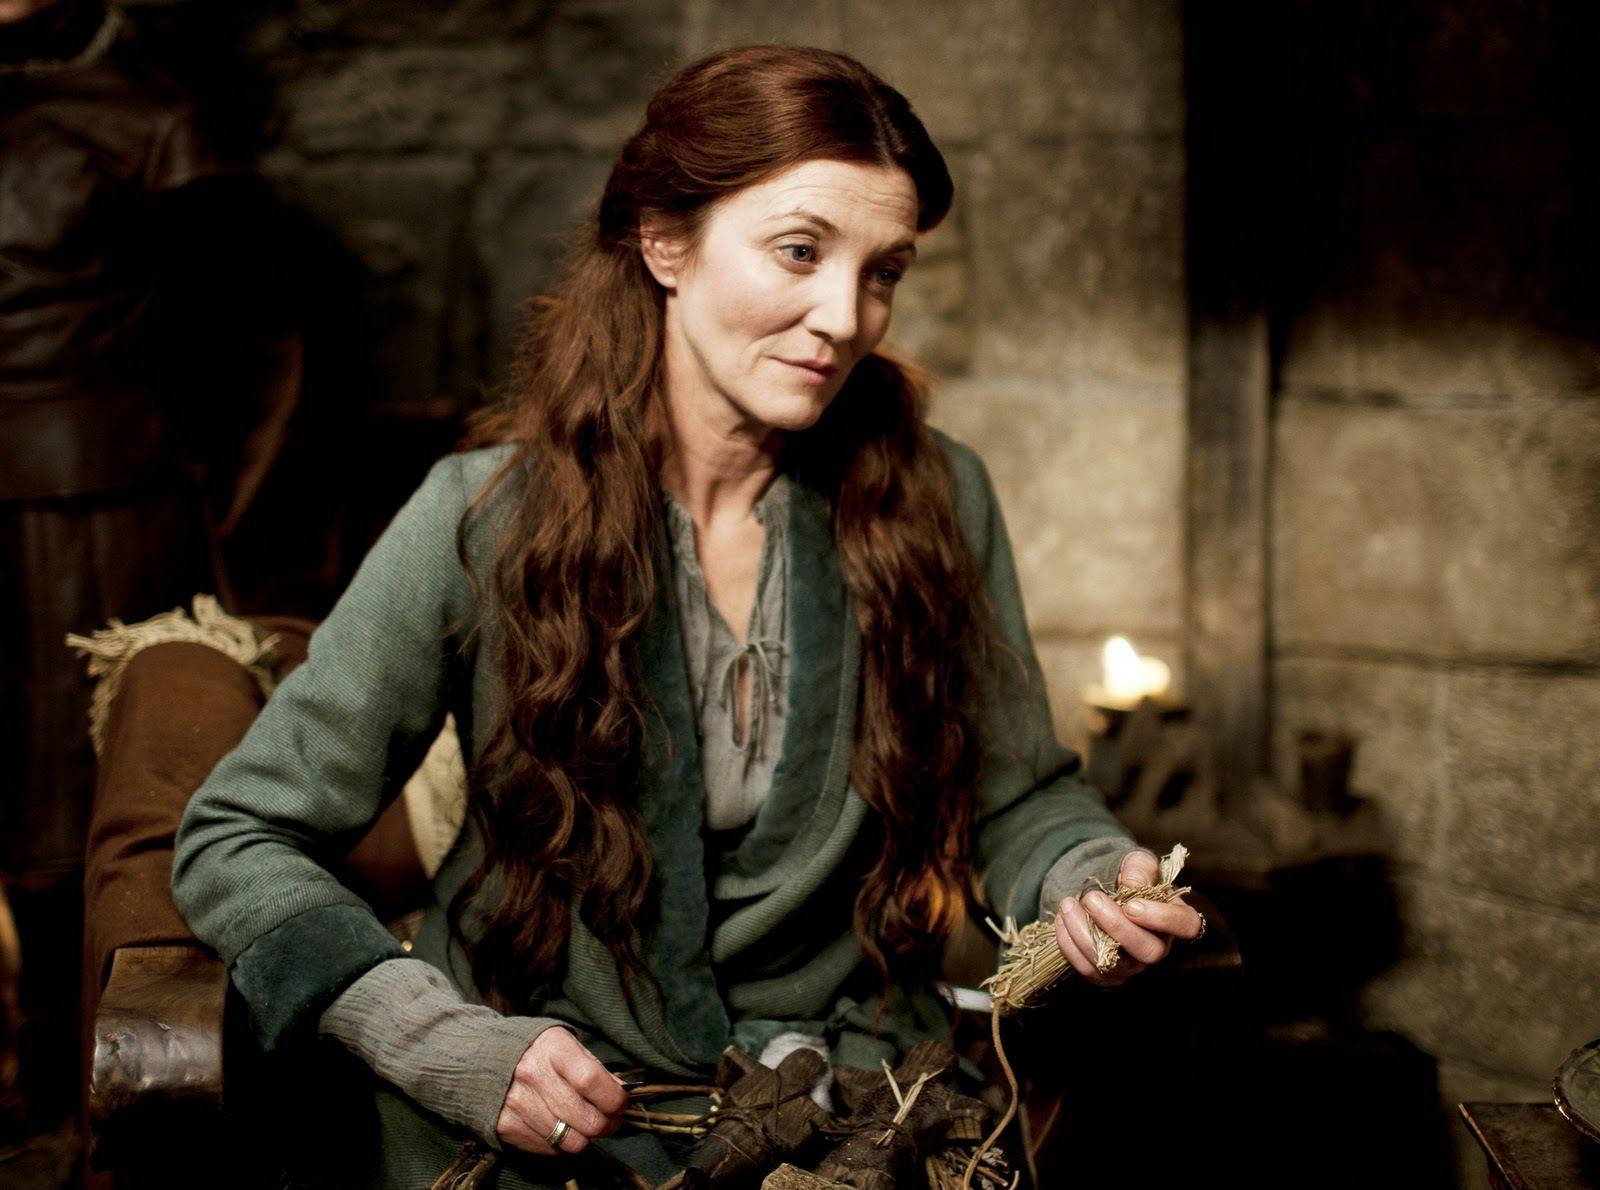 Catelyn-Stark-catelyn-tully-stark-244507